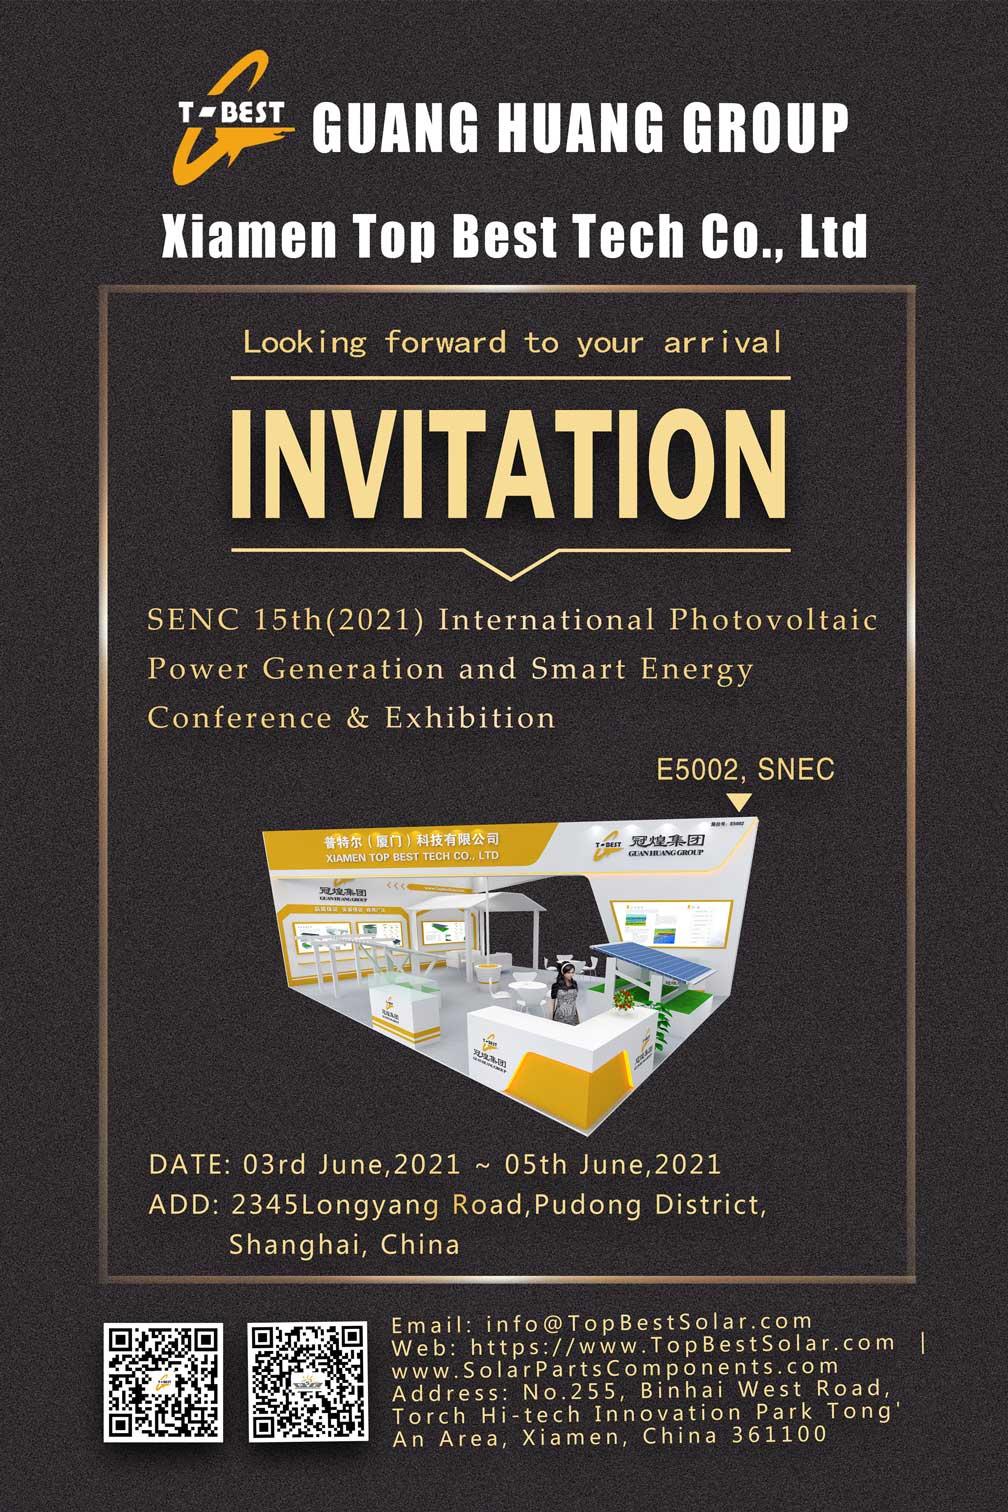 SNEC Expo 2021, Shanghai, China